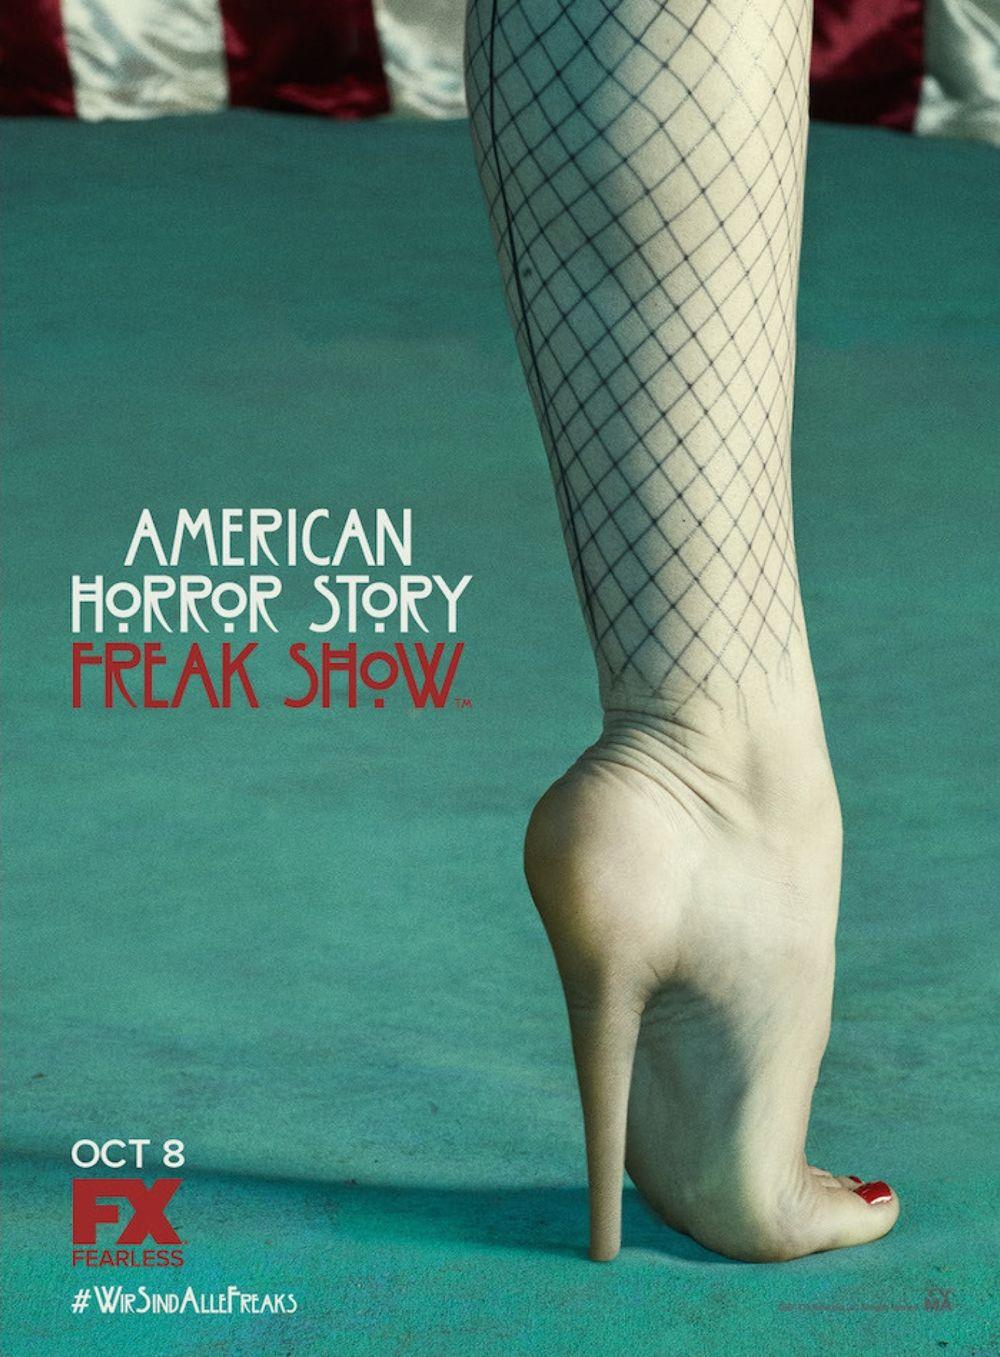 'American Horror Story' Season 4 'It's set in 1950'